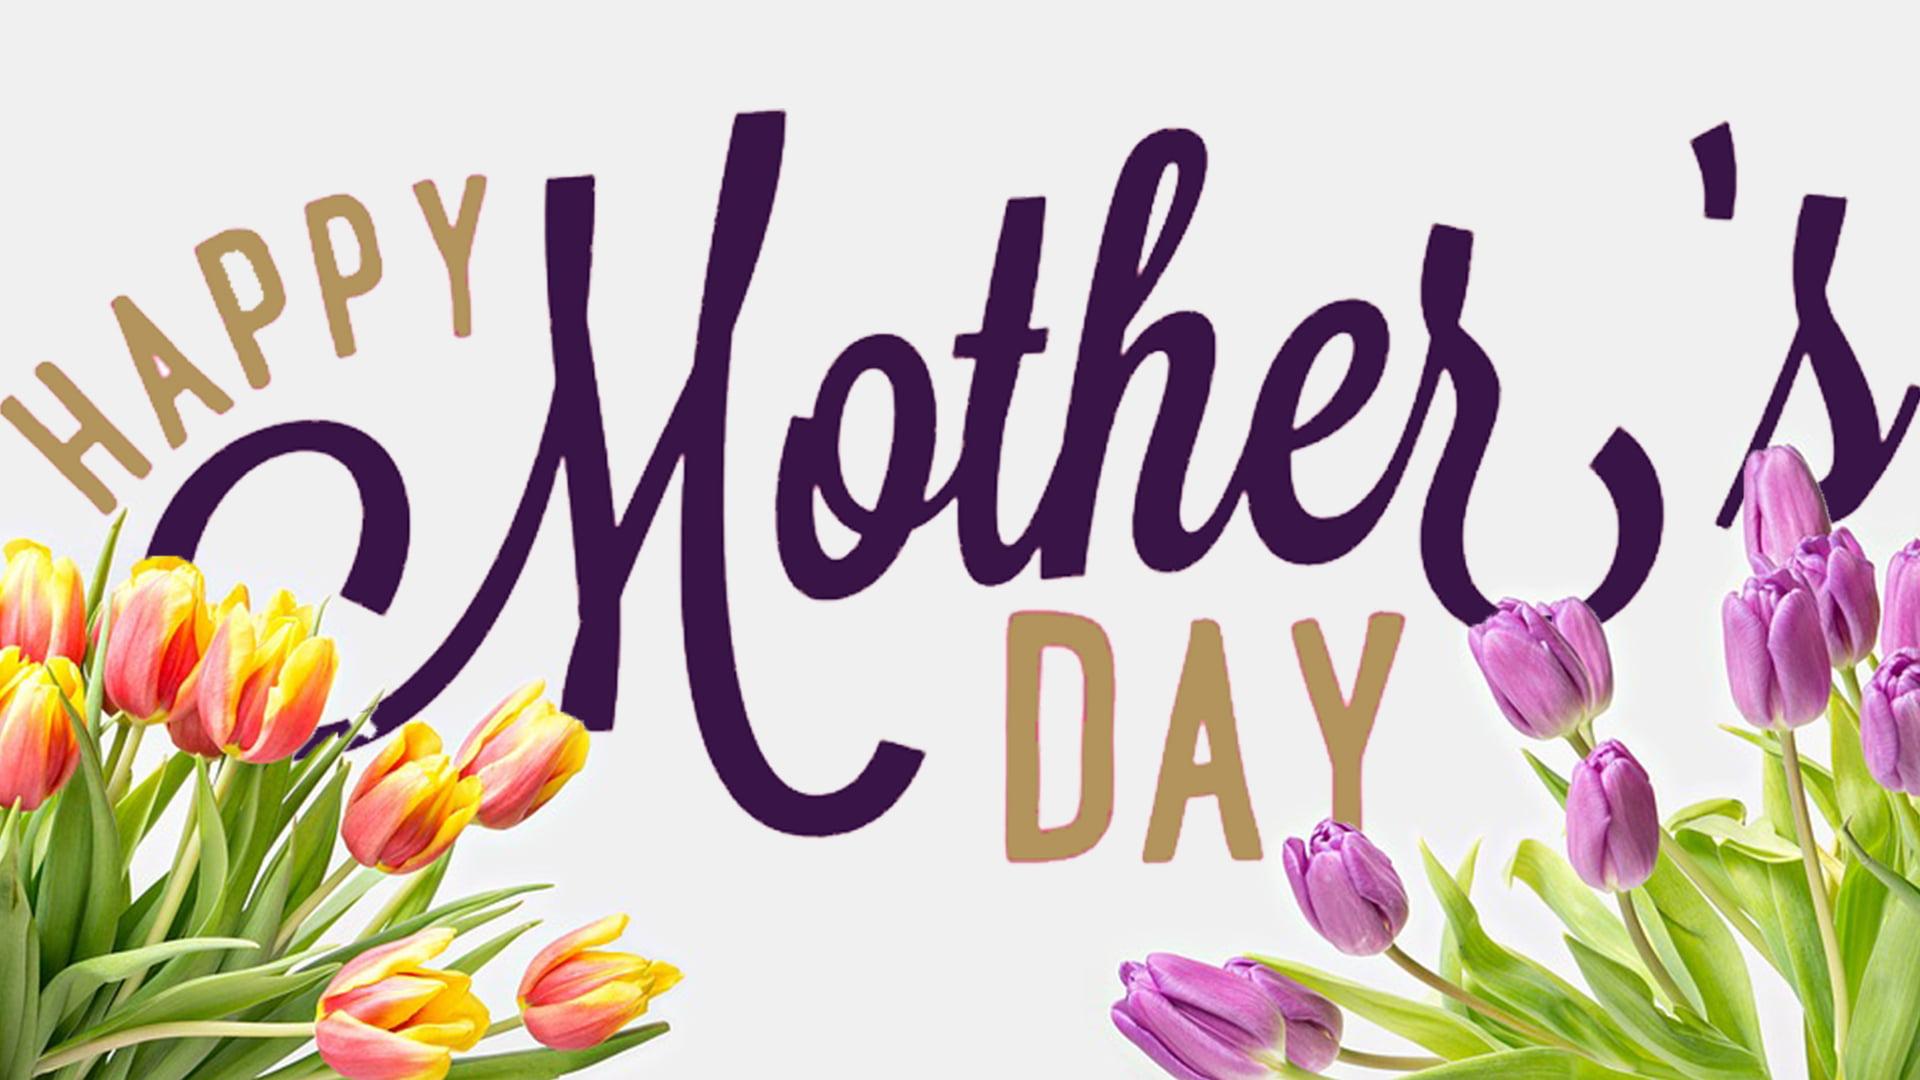 اجمل رسائل عيد الأم تهنئة 2020 مسجات عيد الام